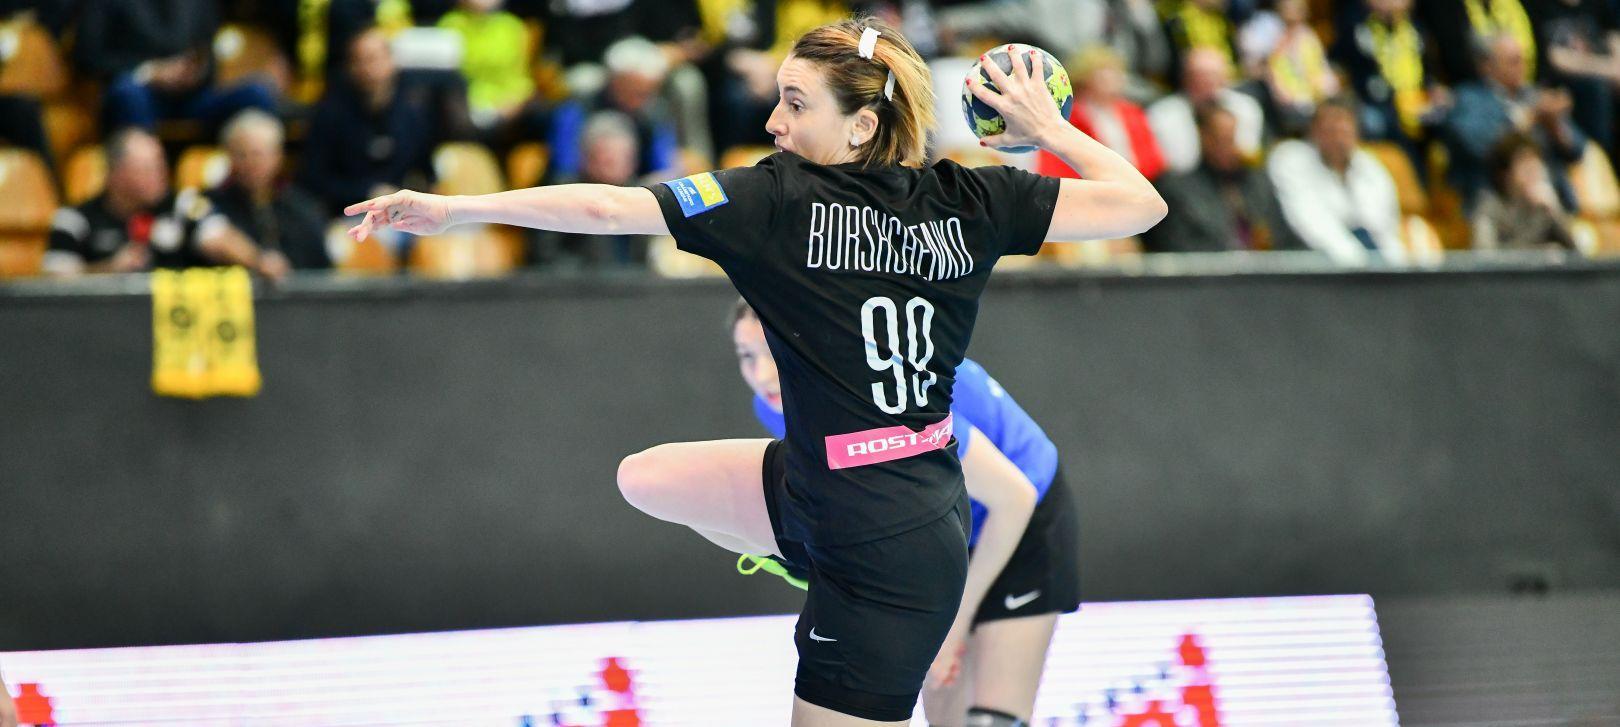 Виктория Борщенко бросает семиметровый